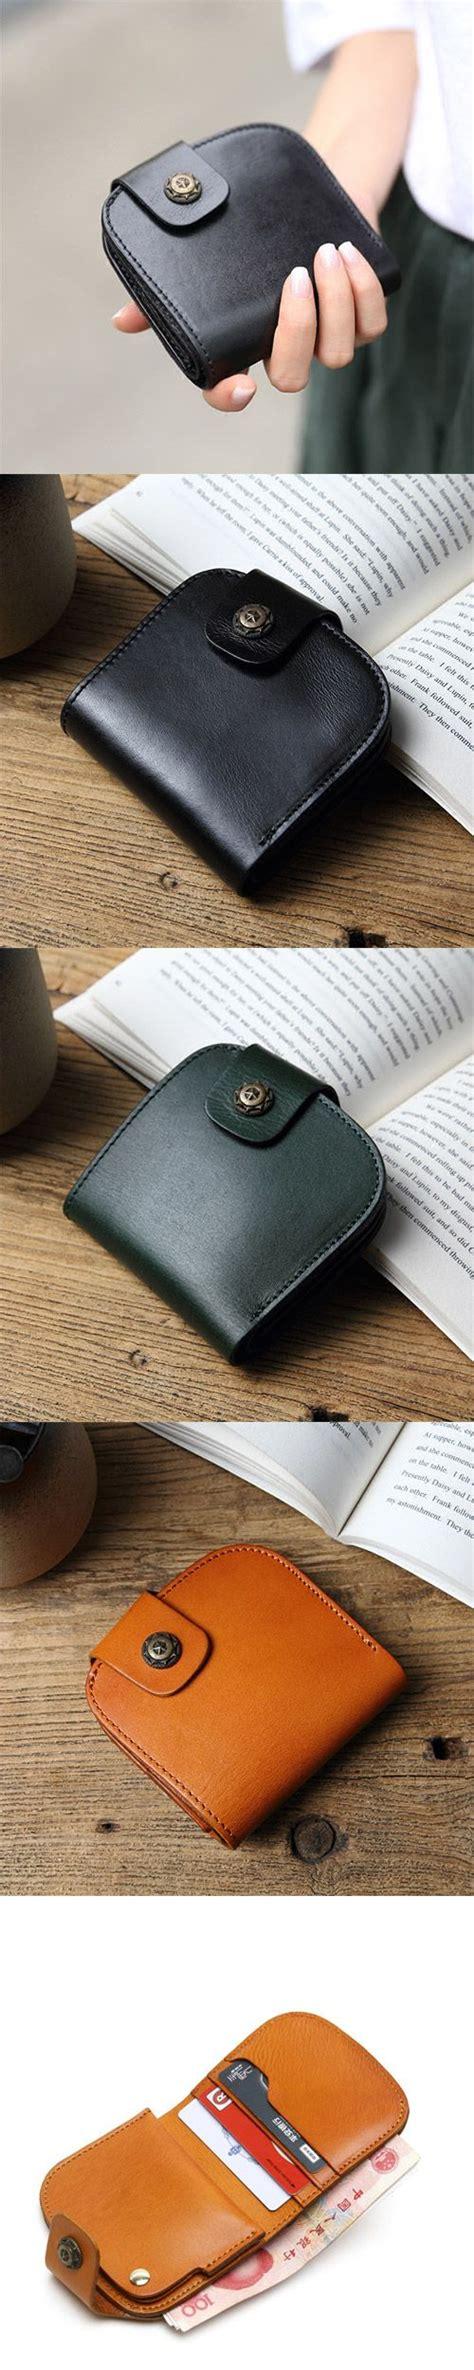 Handmade Leather Wallet Pattern - 17 best ideas about leather wallet pattern on